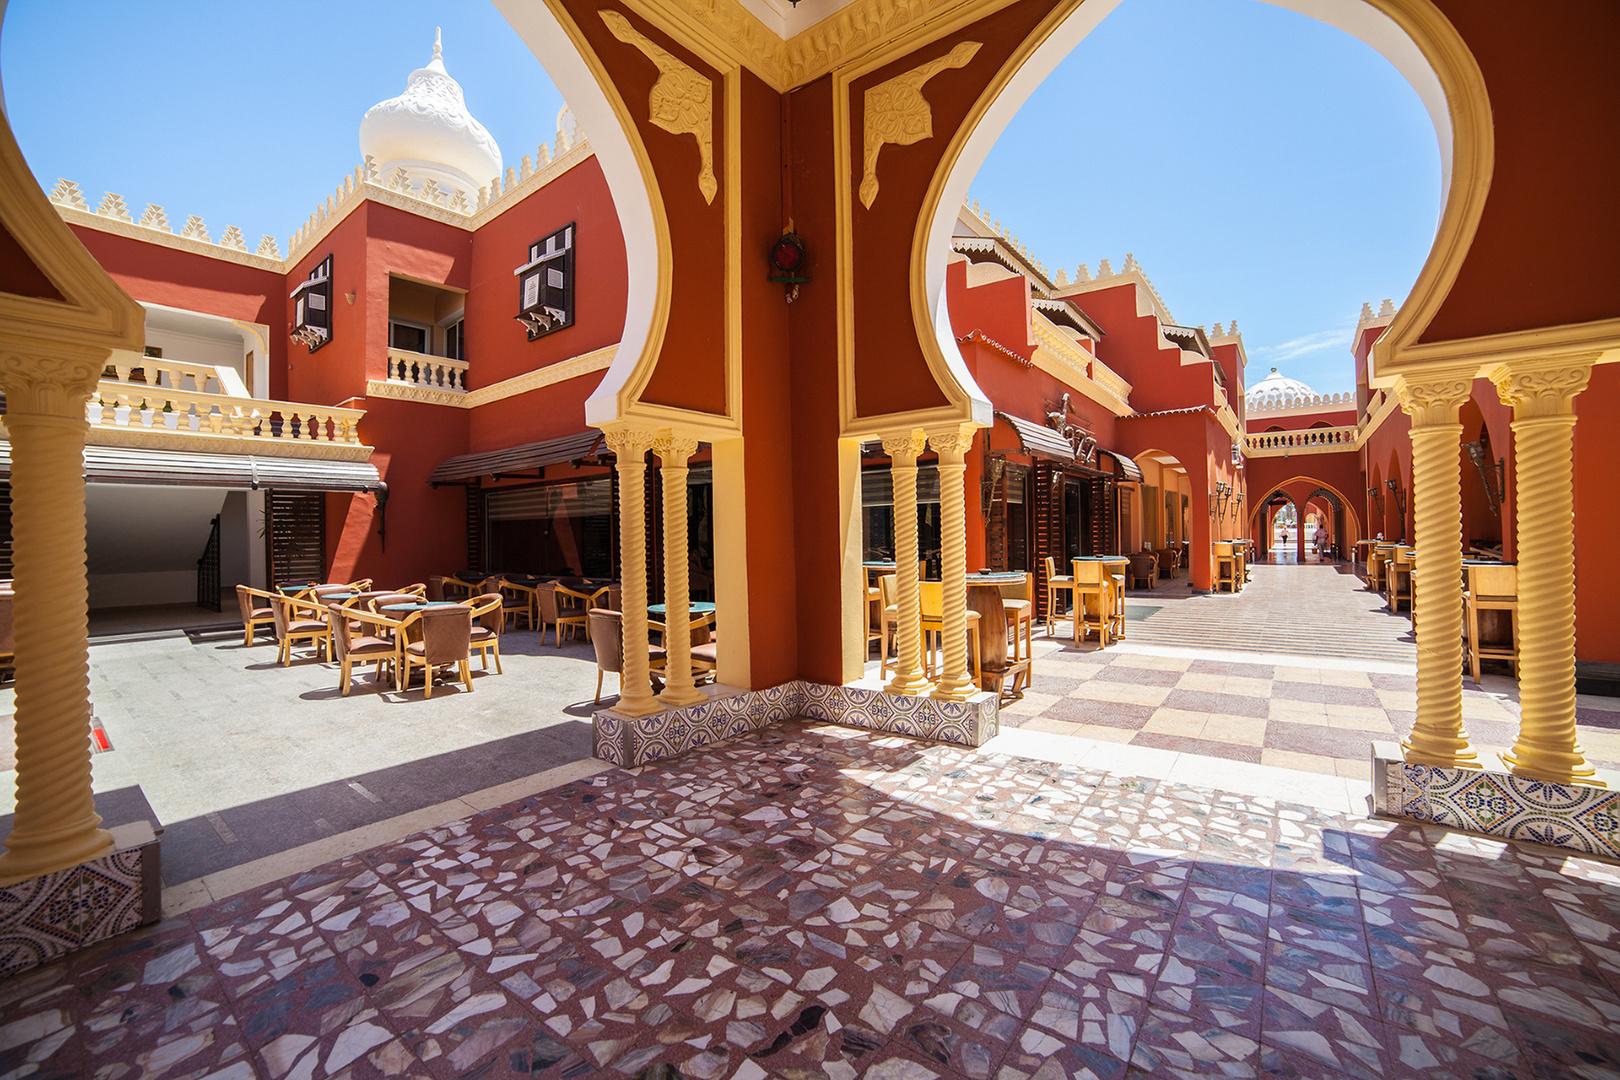 alf leila wa leila 1001 nacht hotel 5 foto bild africa egypt north africa bilder auf. Black Bedroom Furniture Sets. Home Design Ideas